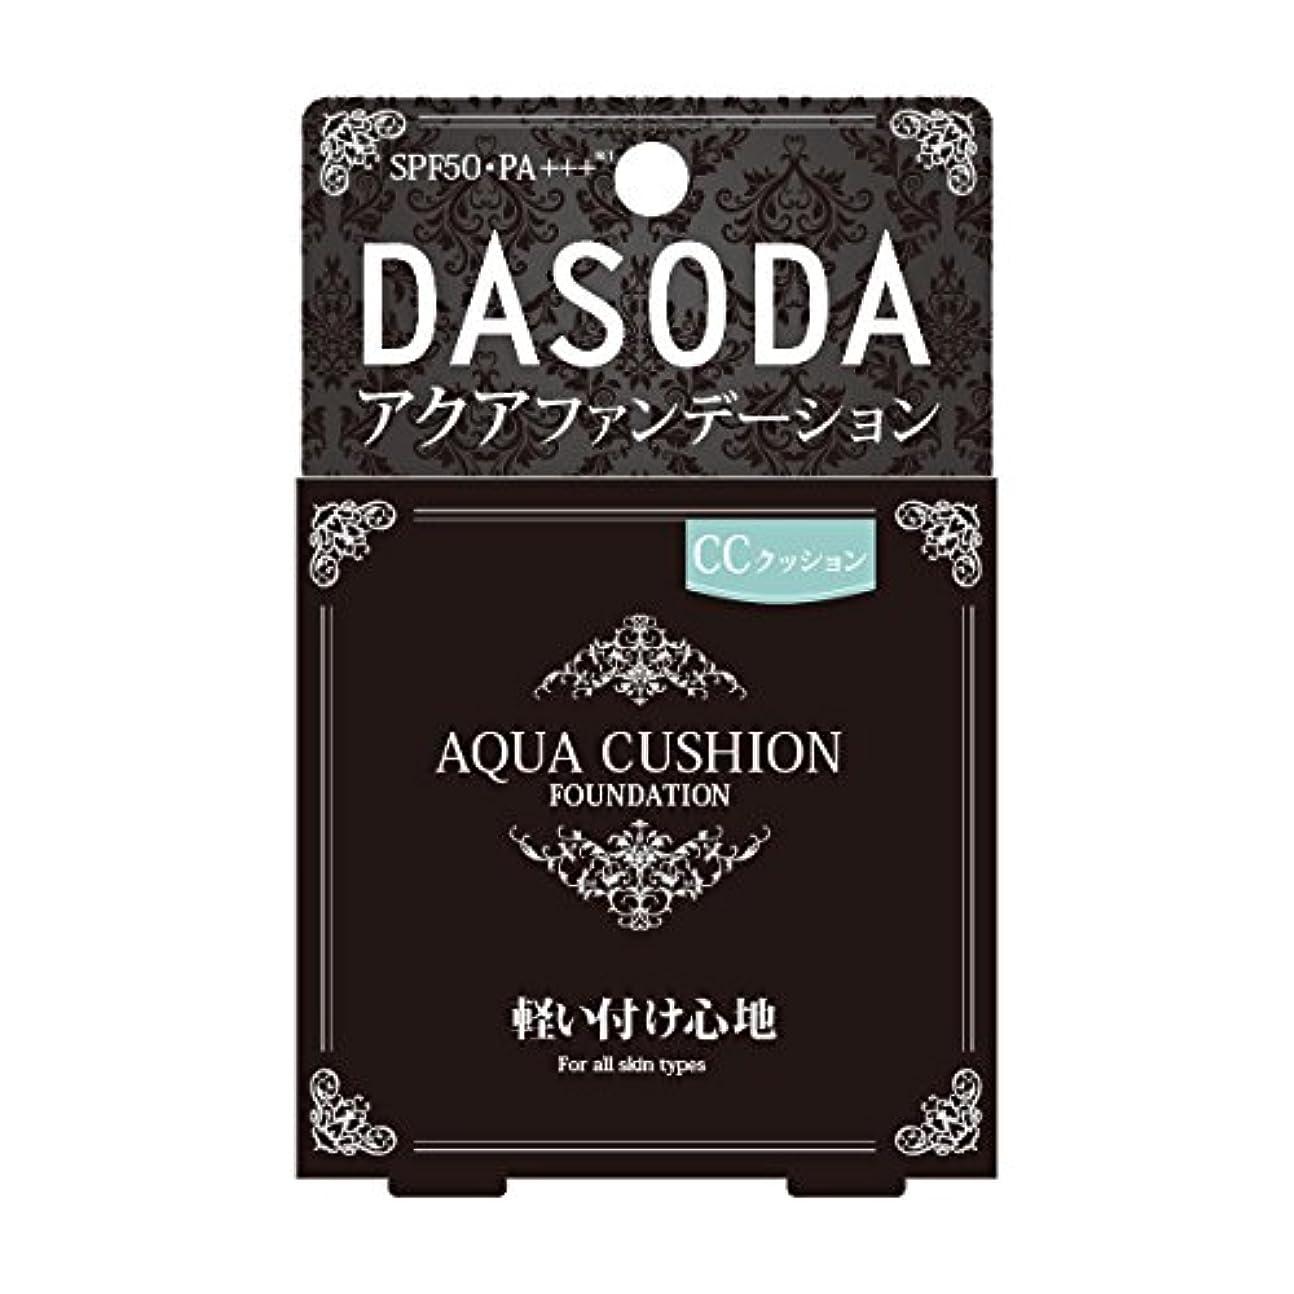 漏斗ラジカル石ダソダ エフシー アクアクッションファンデーション 365 11g